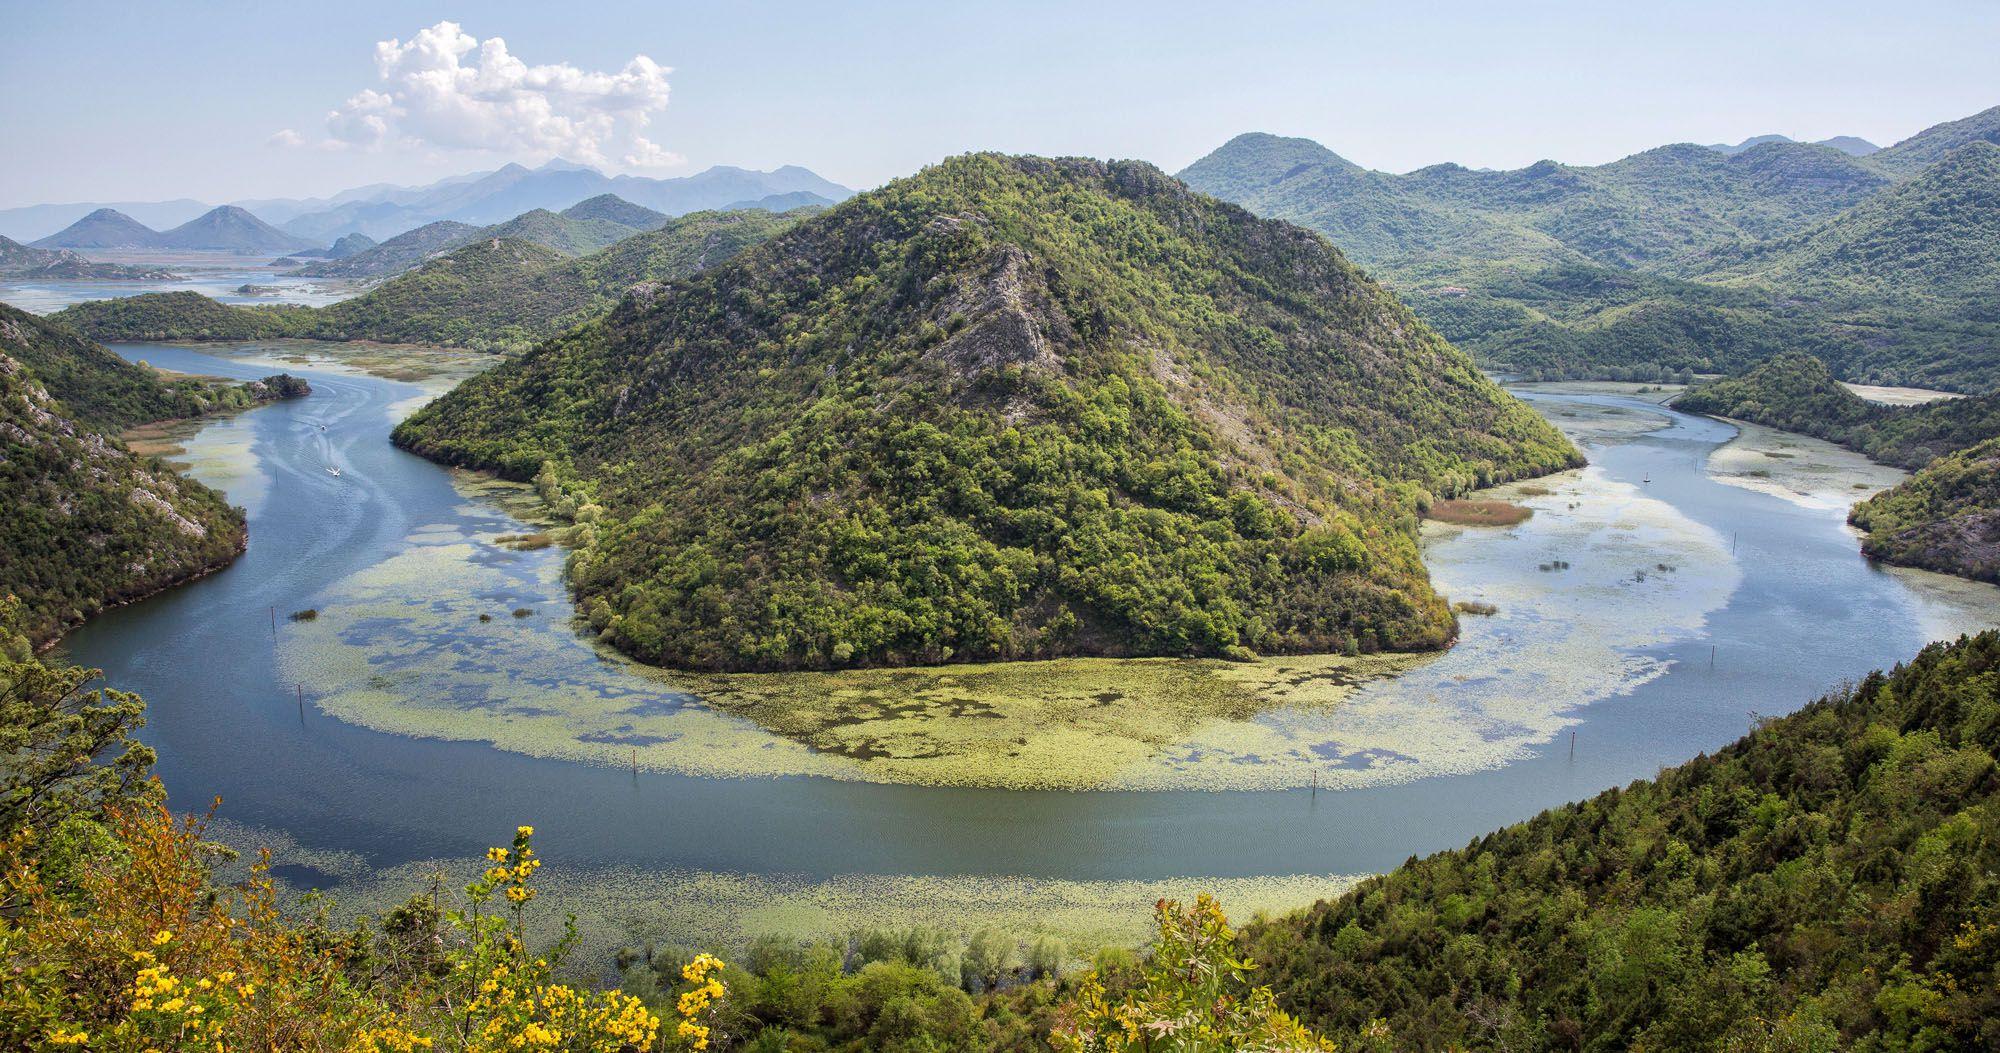 Skadar National Park